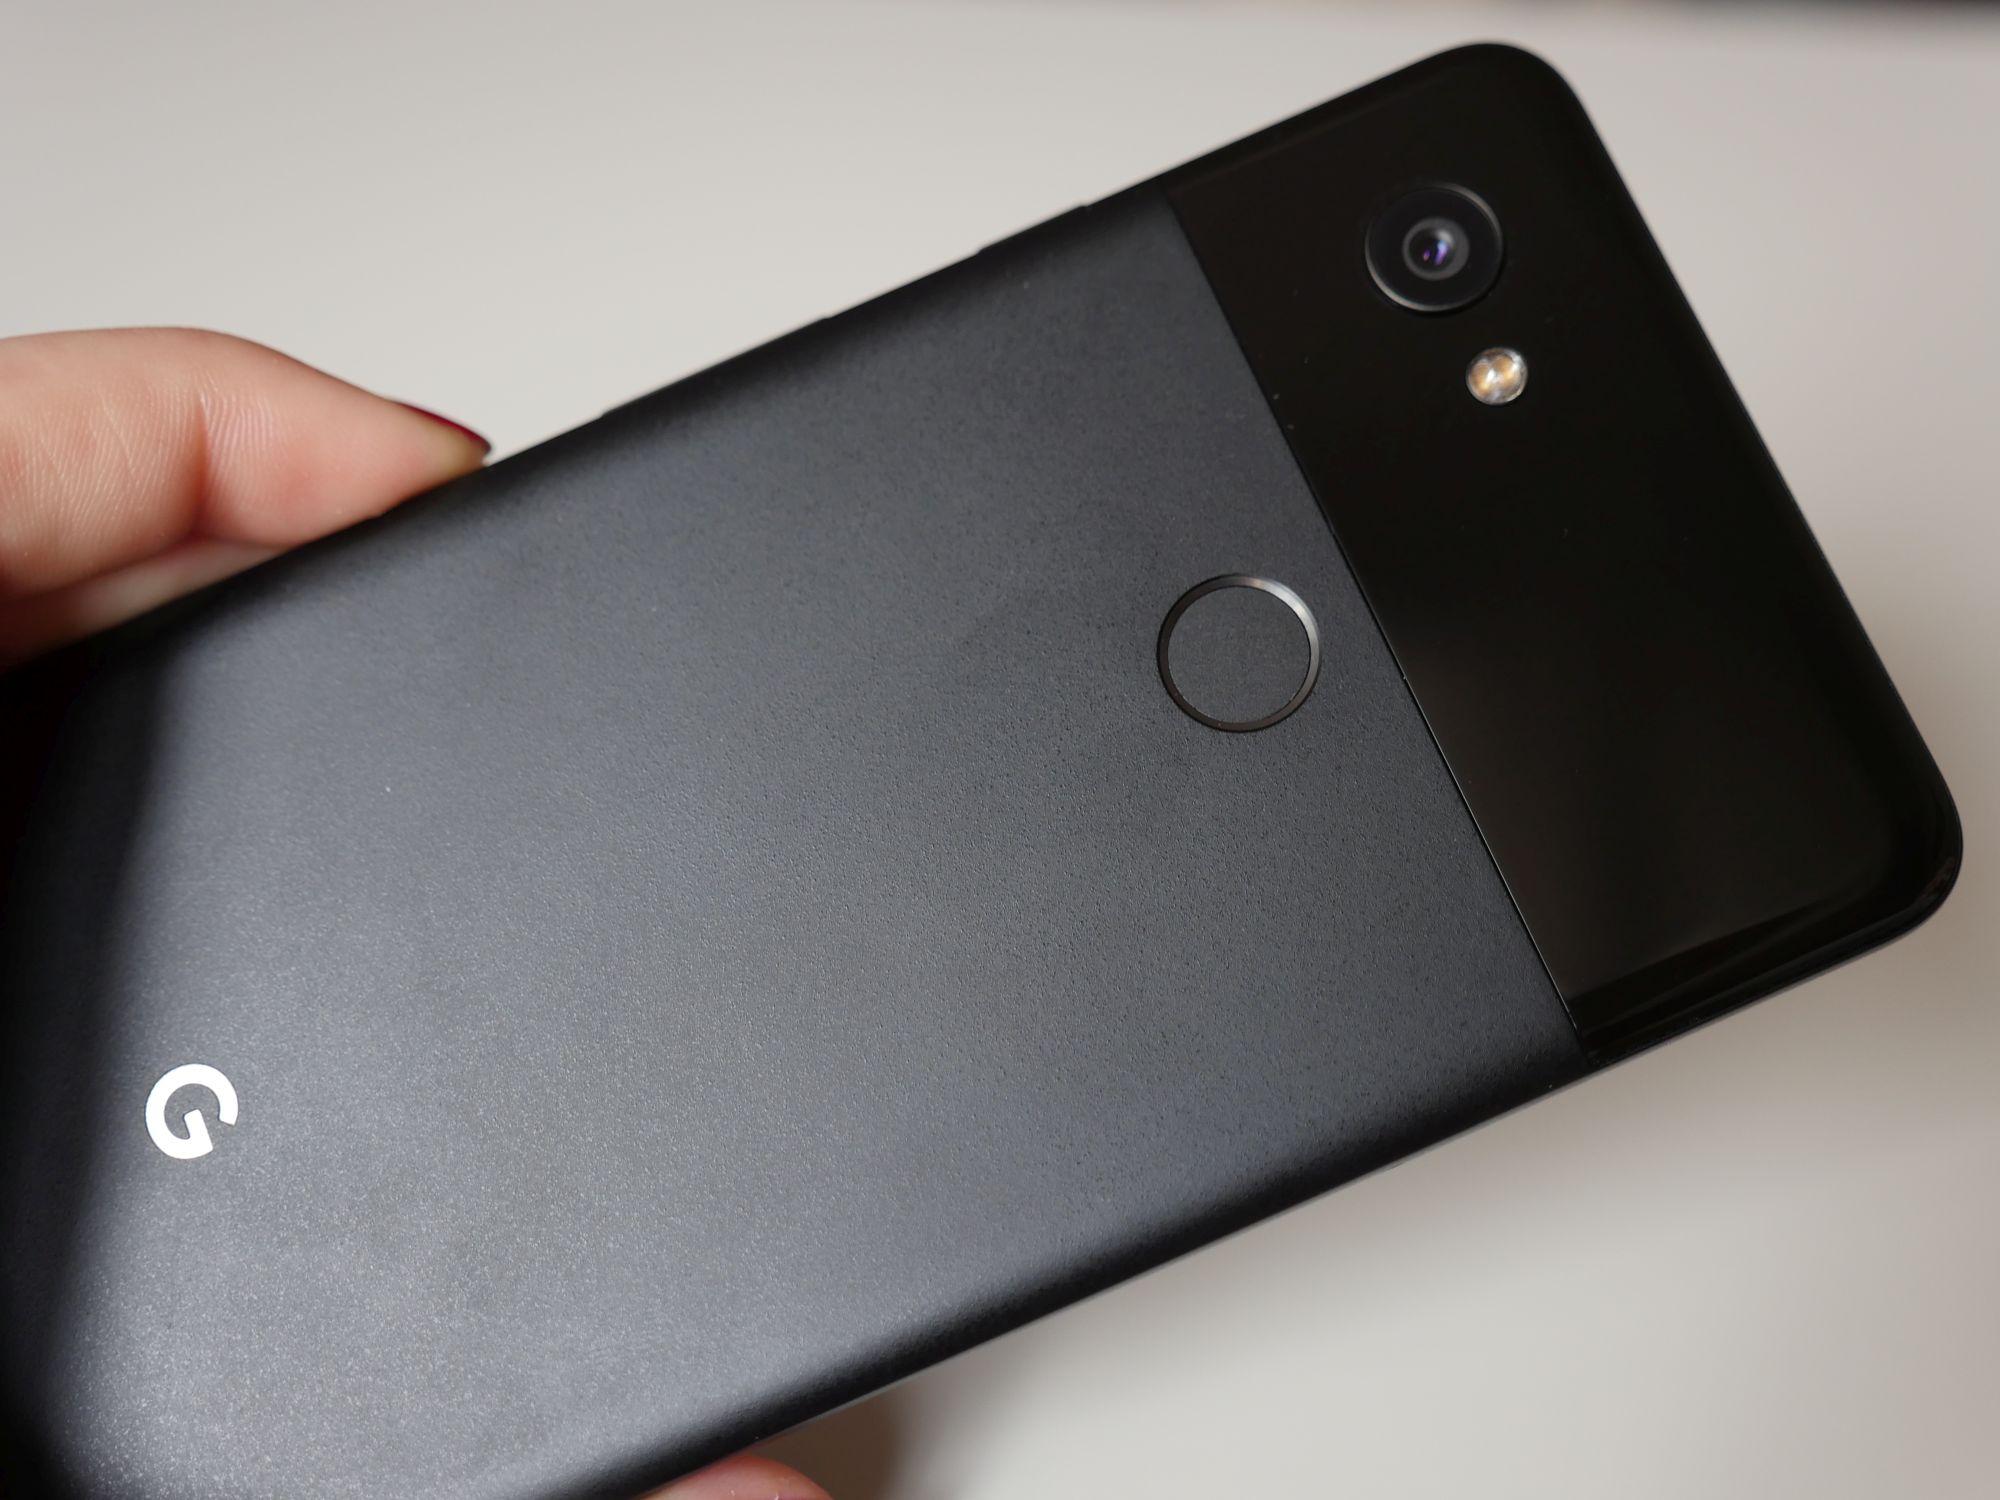 Recenzja Google Pixel 2 XL - iPhone'a wśród Androidów 20